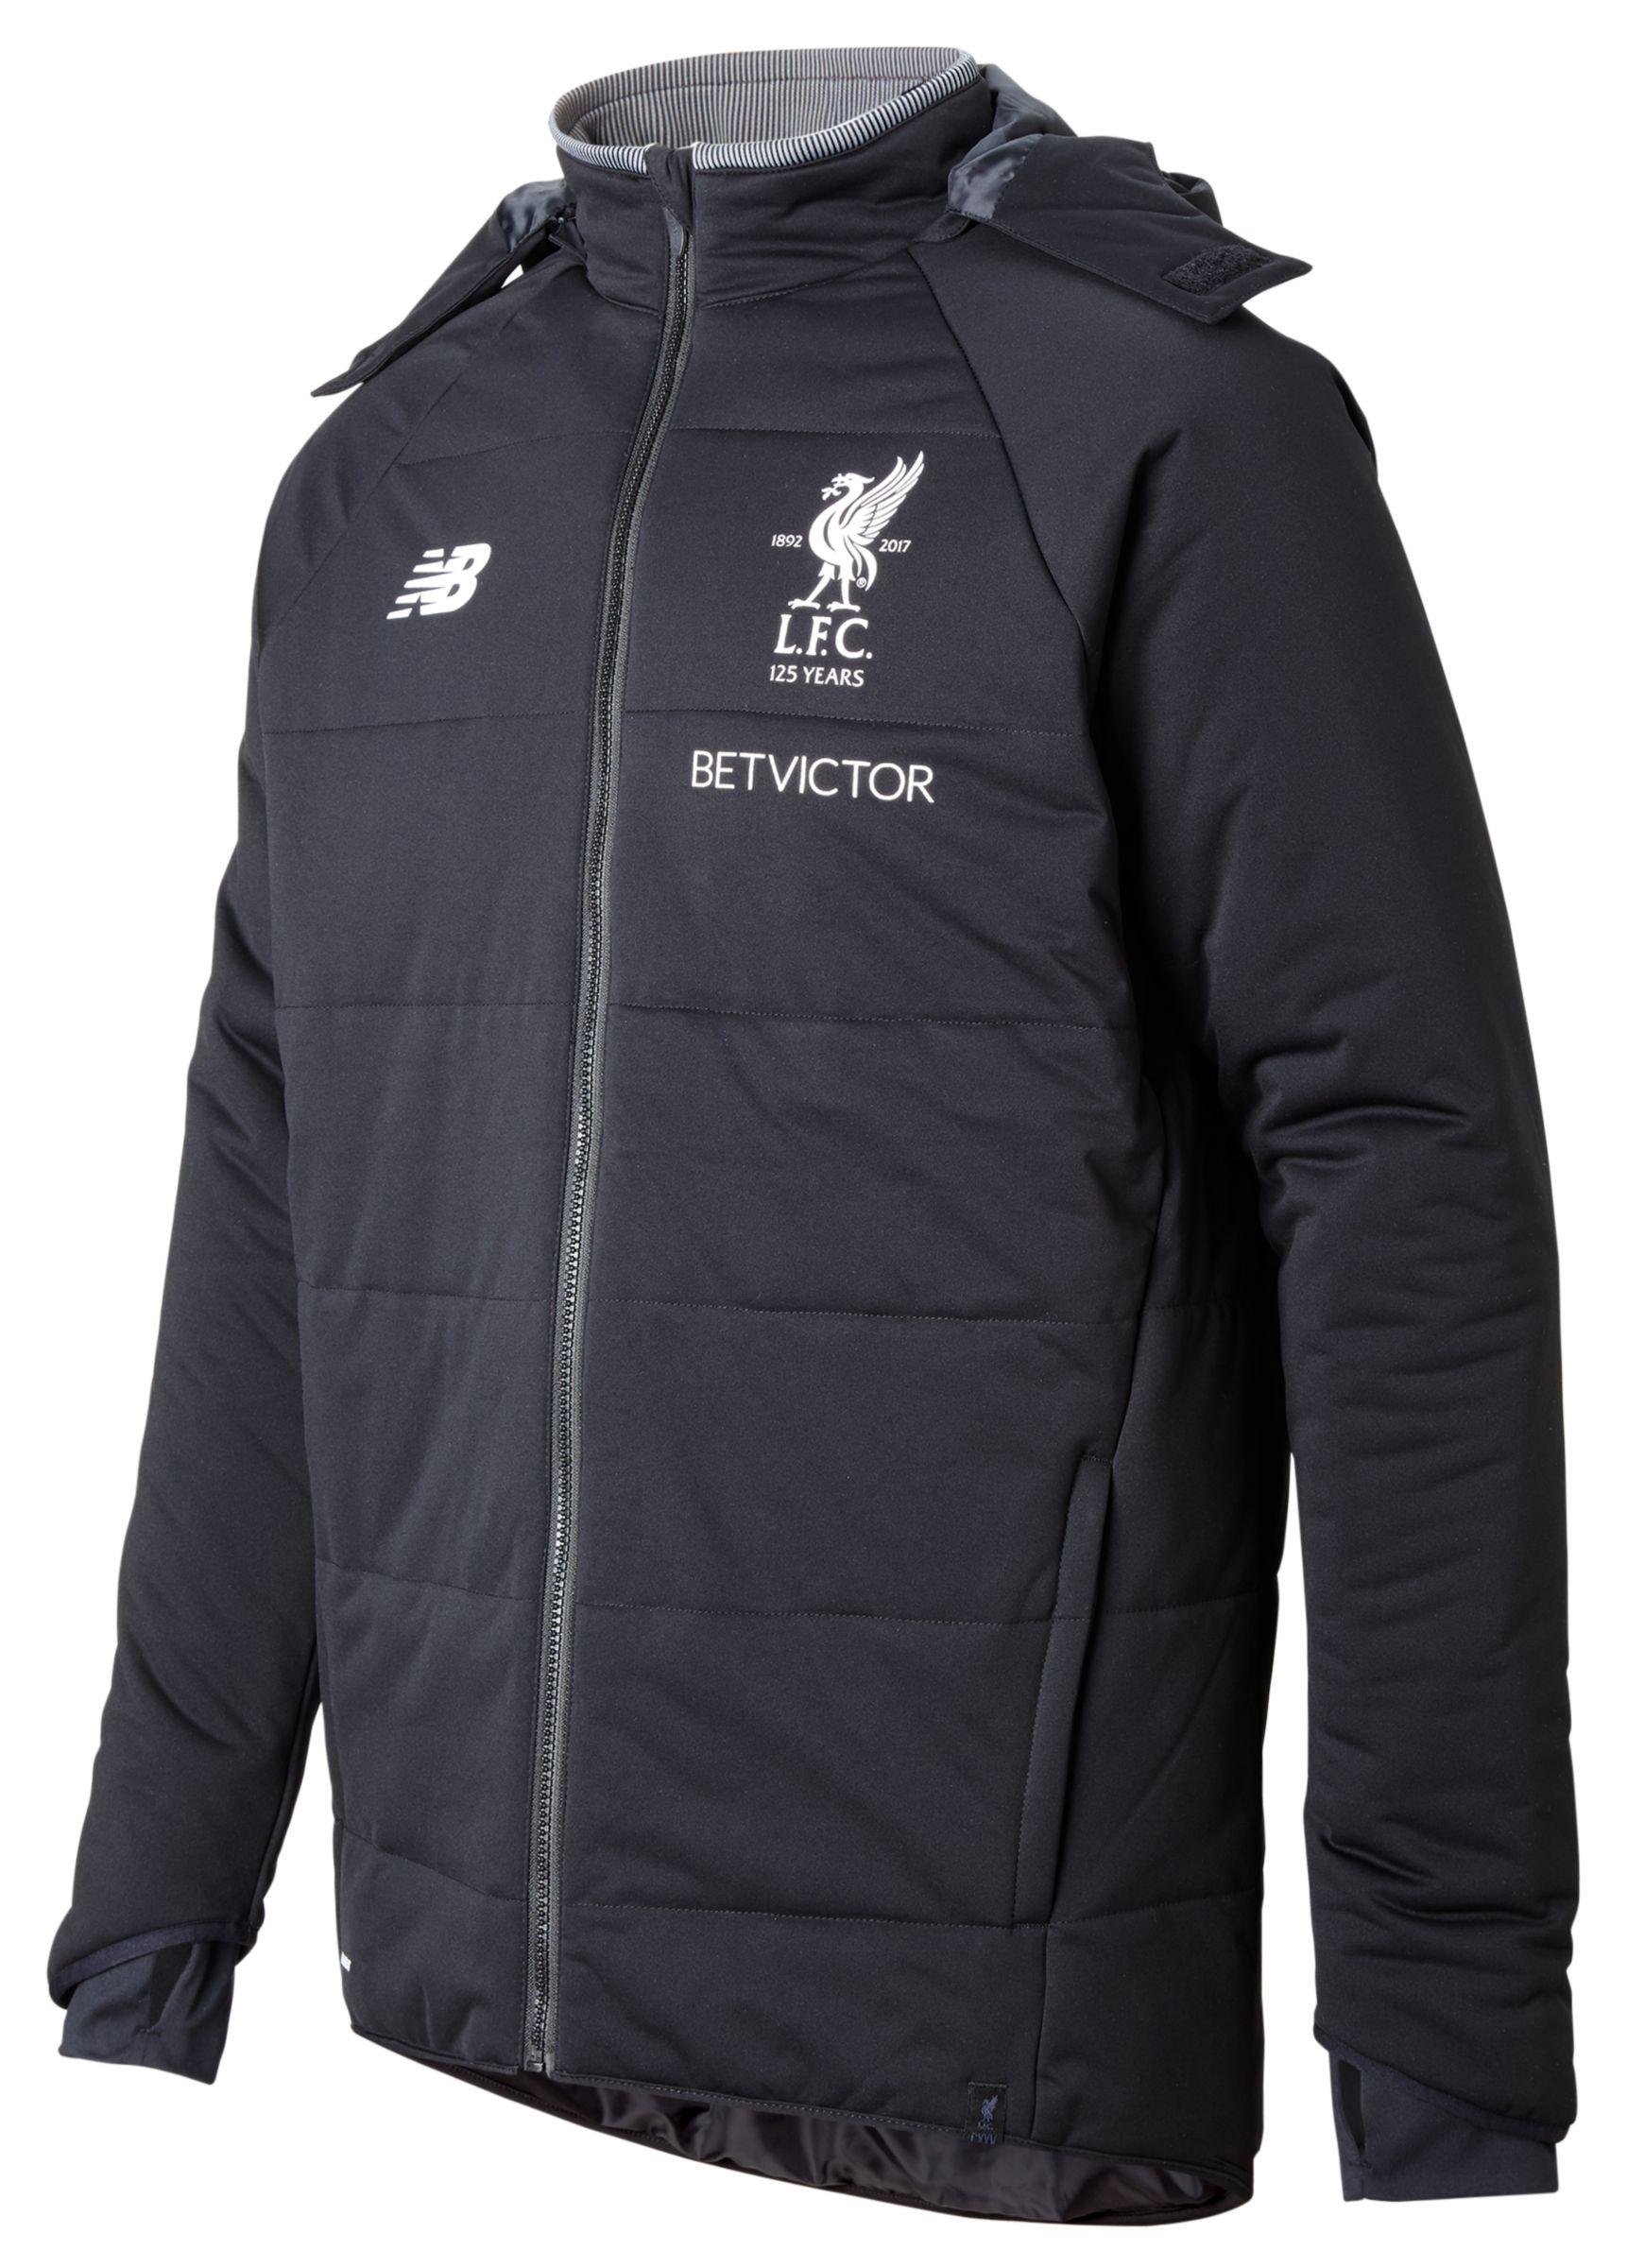 NB LFC Elite Training Stadium Jacket, Black